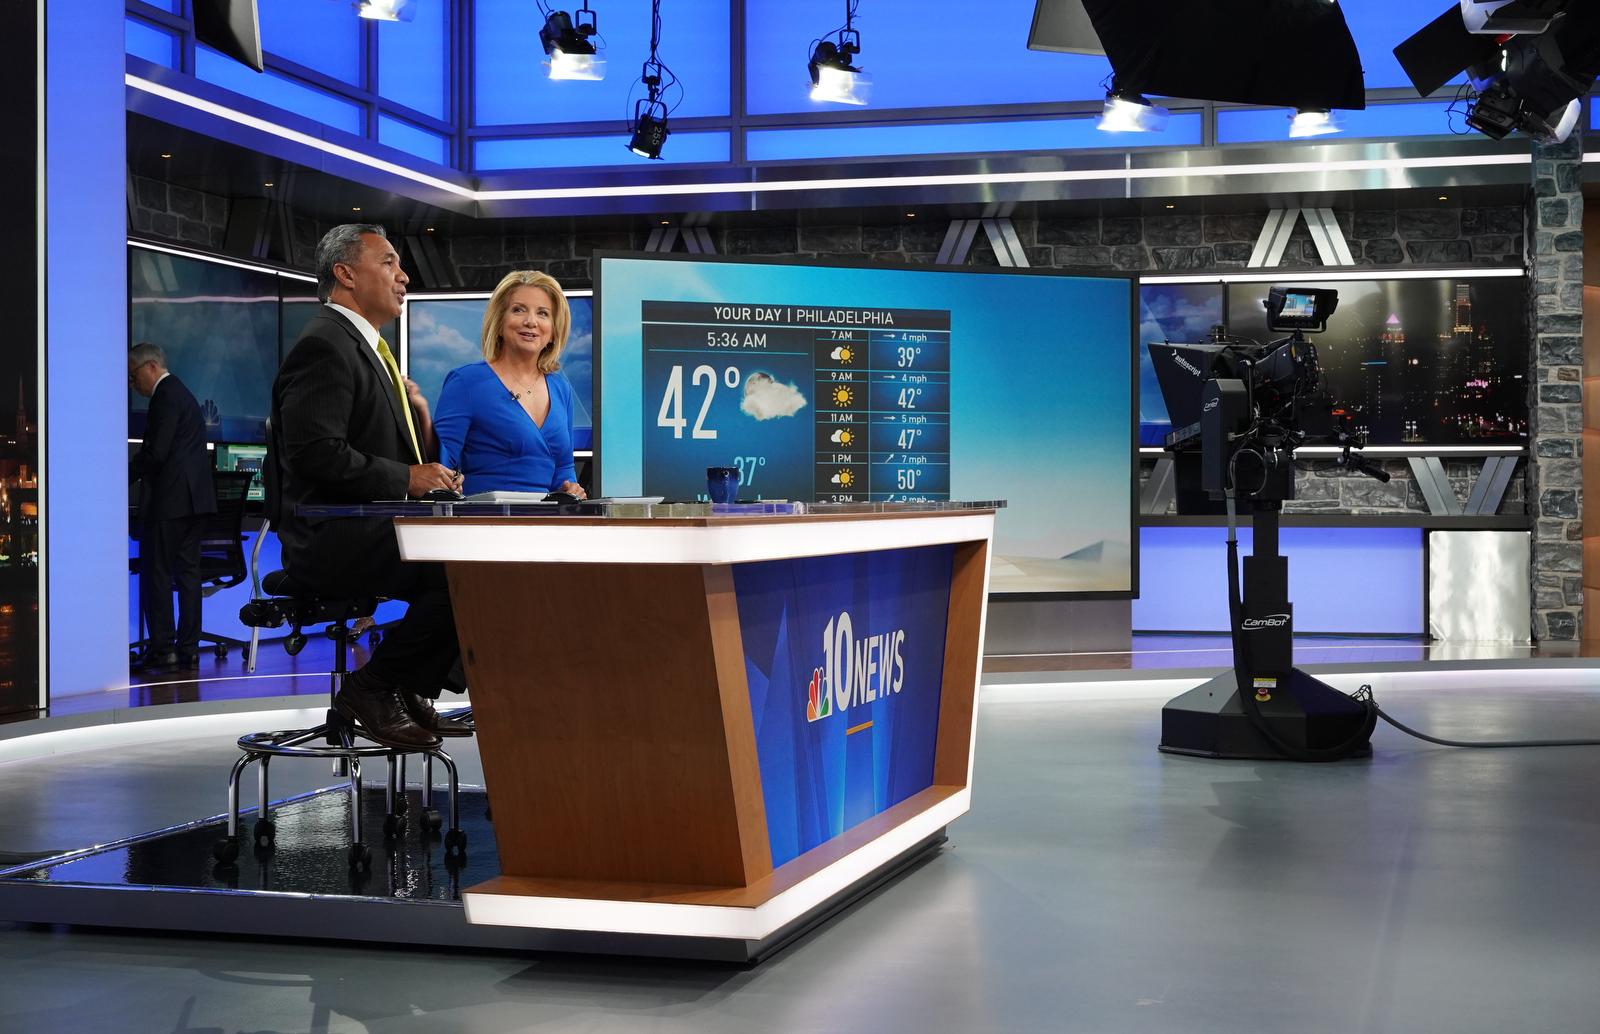 NCS_NBC-10-WCAU-Philadelphia-0005